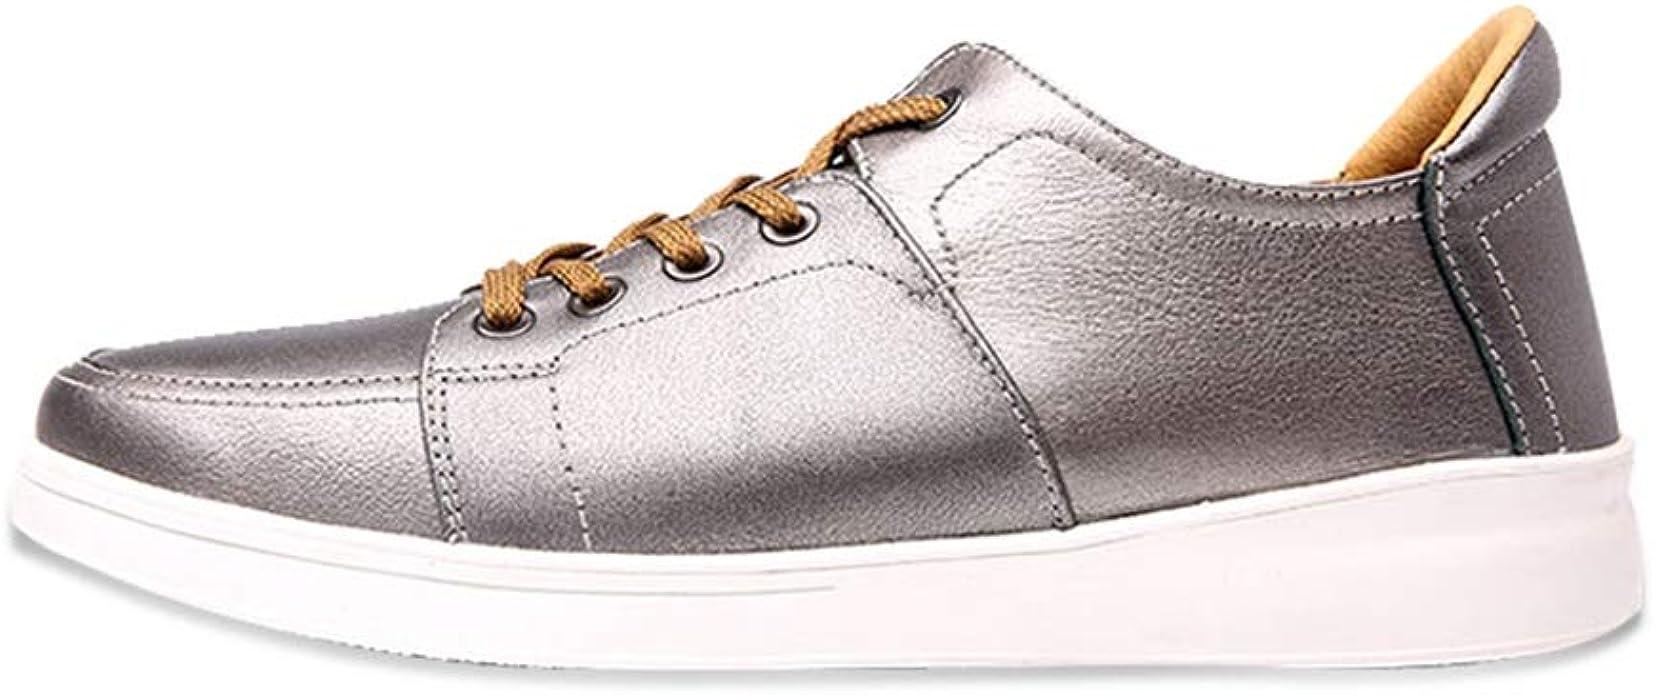 SHENYUAN-estuche de moda Zapatillas de deporte for correr ocasionales for hombres Cuero genuino Ligero Británico Ocio Zapatos de tabla plana al aire libre antideslizante Punta redonda con cordones Zap: Amazon.es: Zapatos y